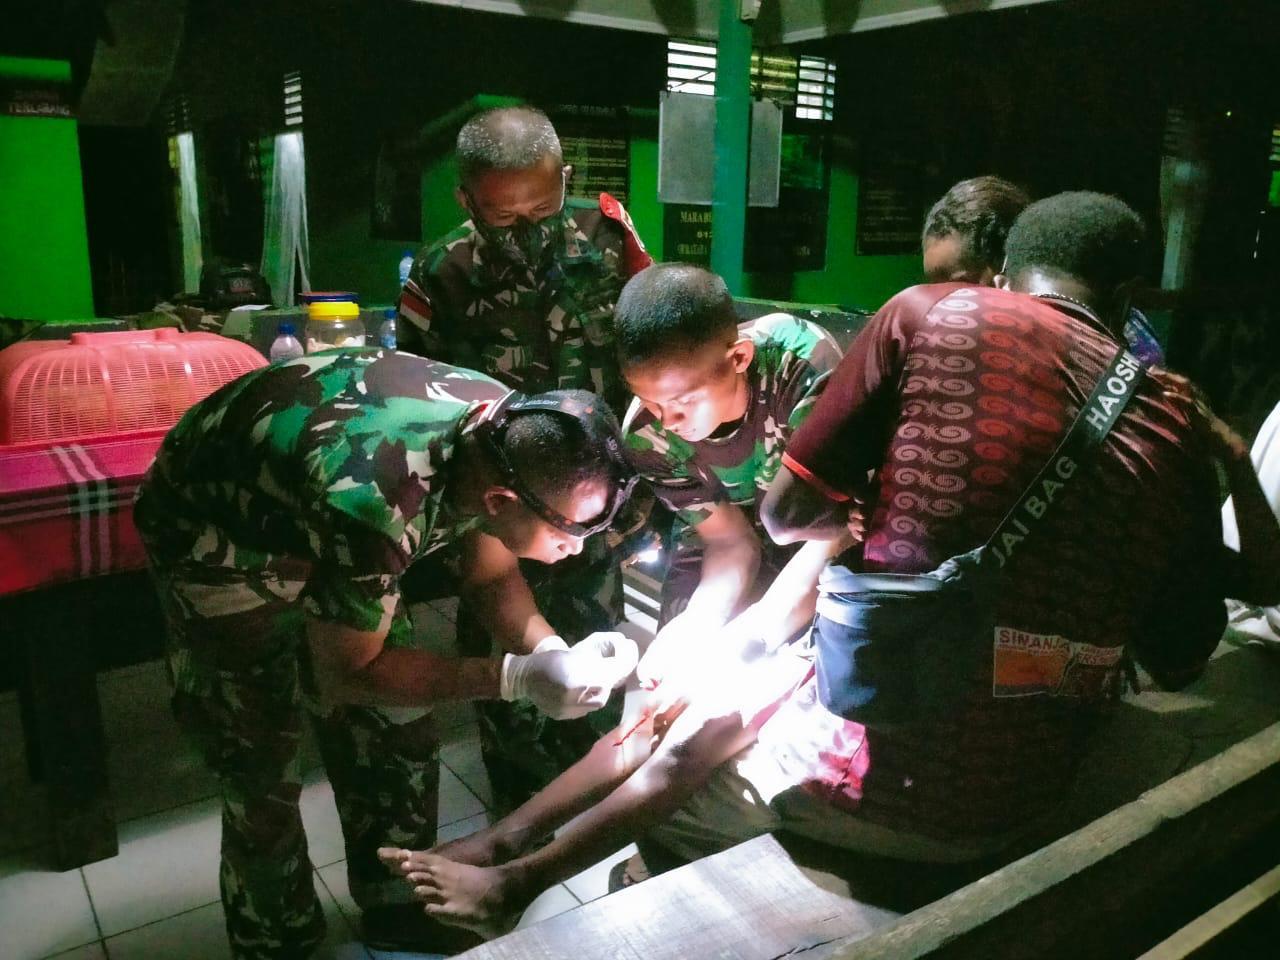 Dengan Sigap, Satgas Yonif 512 Obati Anak Kecil Yang Terluka Di Perbatasan Papua